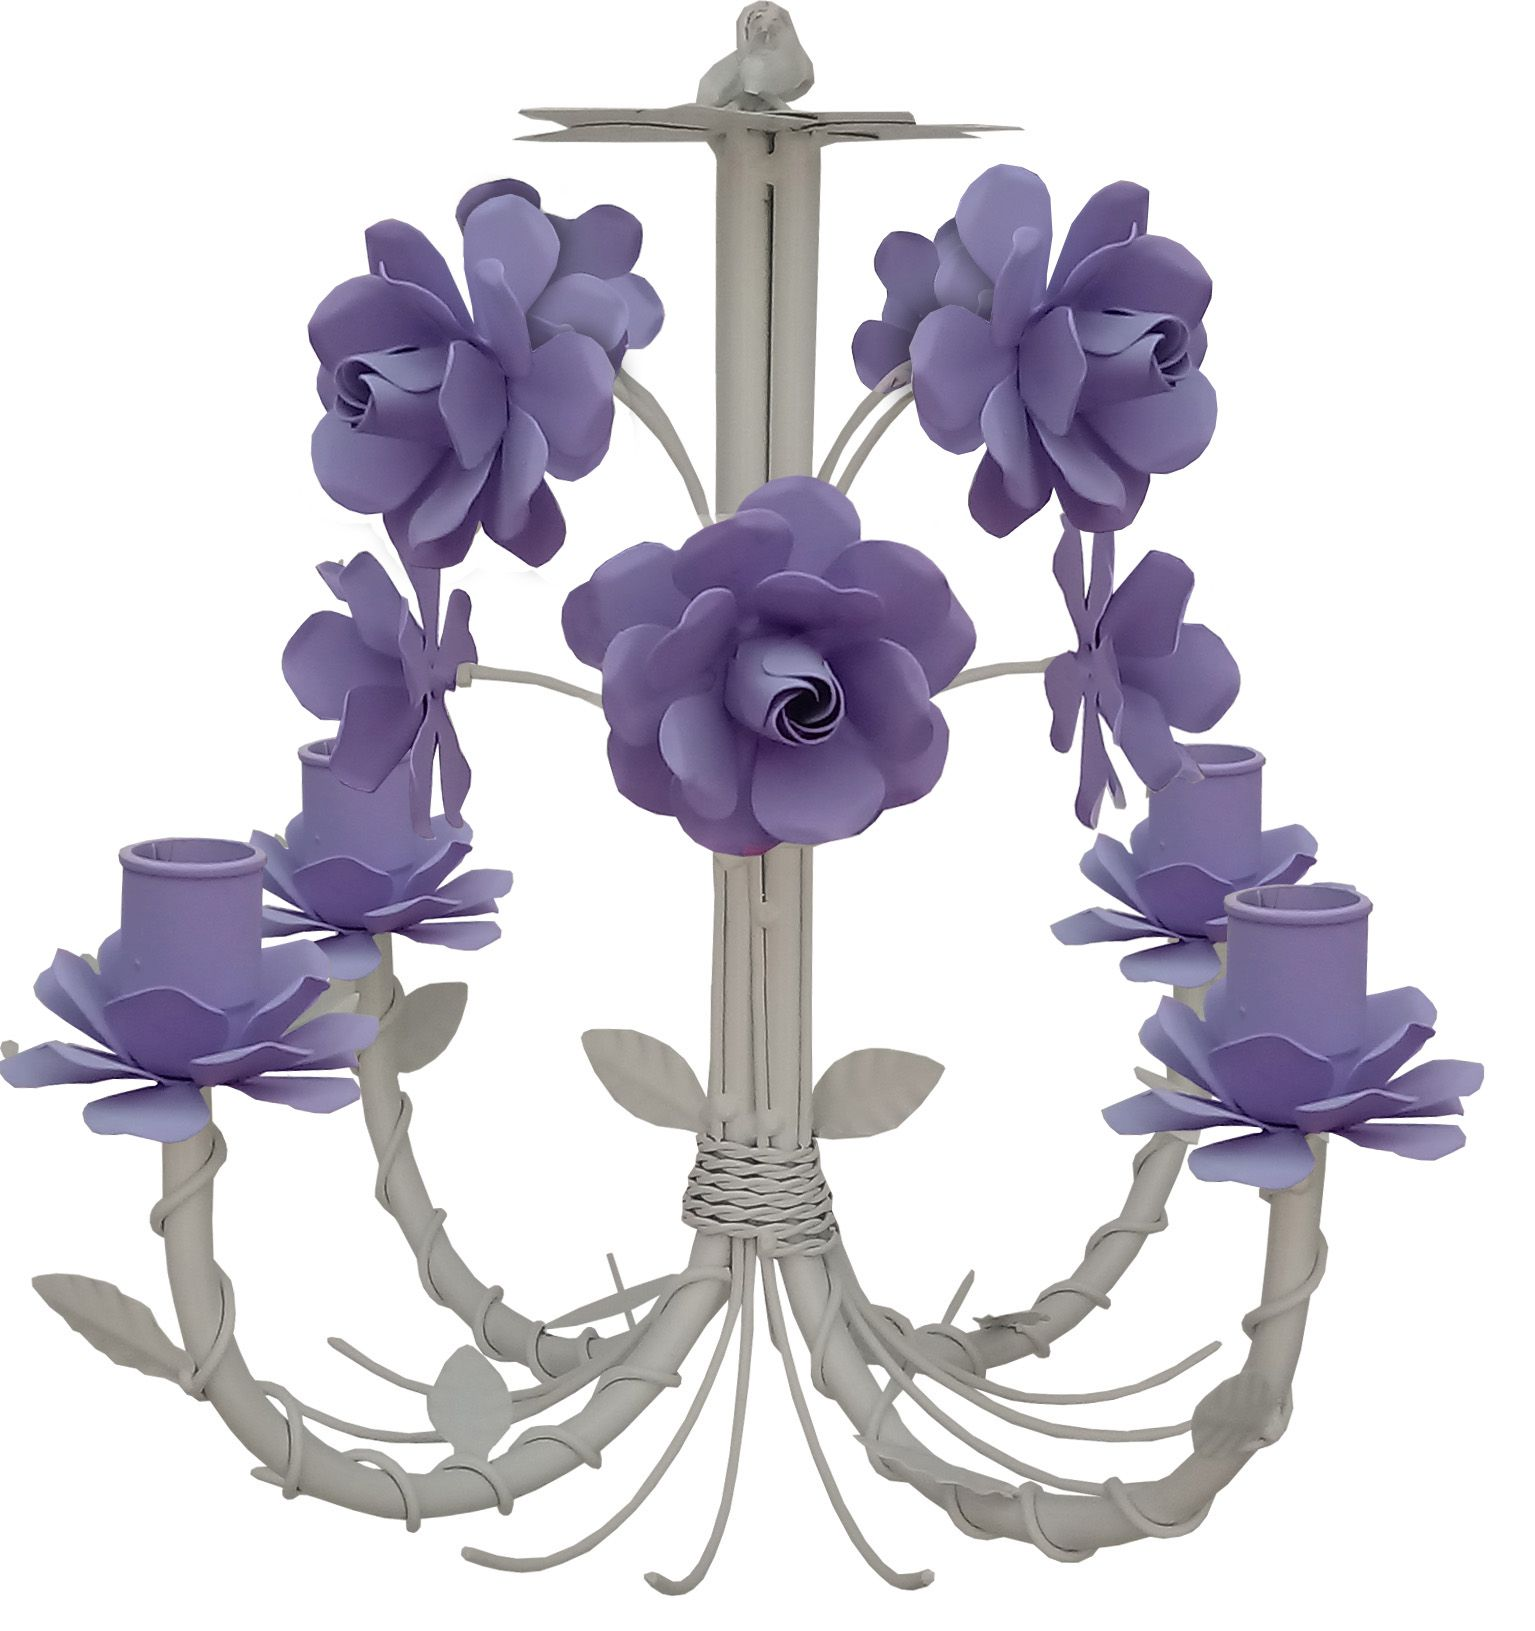 Lustre de Ferro com Rosas Simples para Decoração de Quarto Colorido